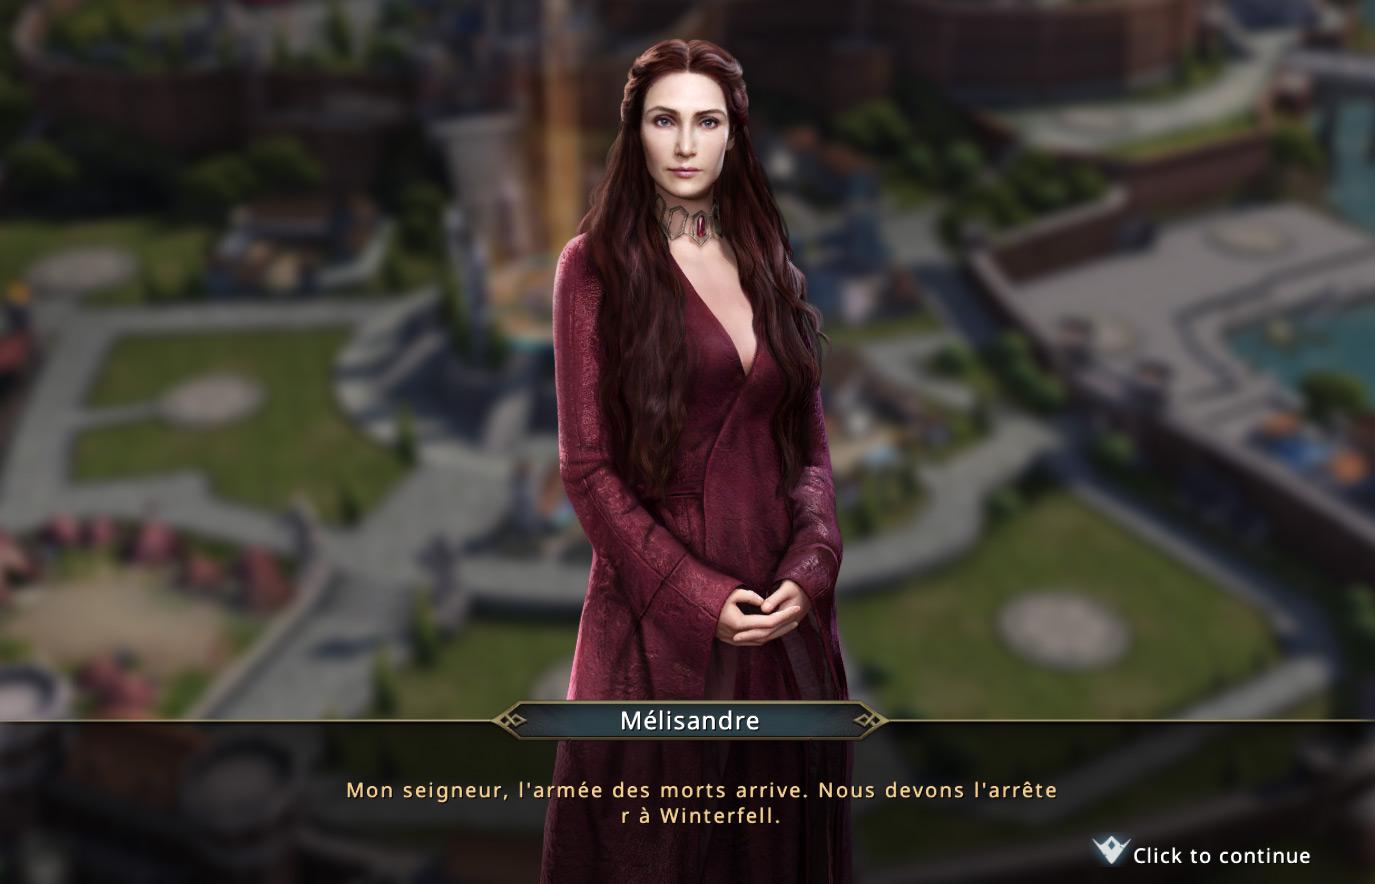 Accueil Mélisandre